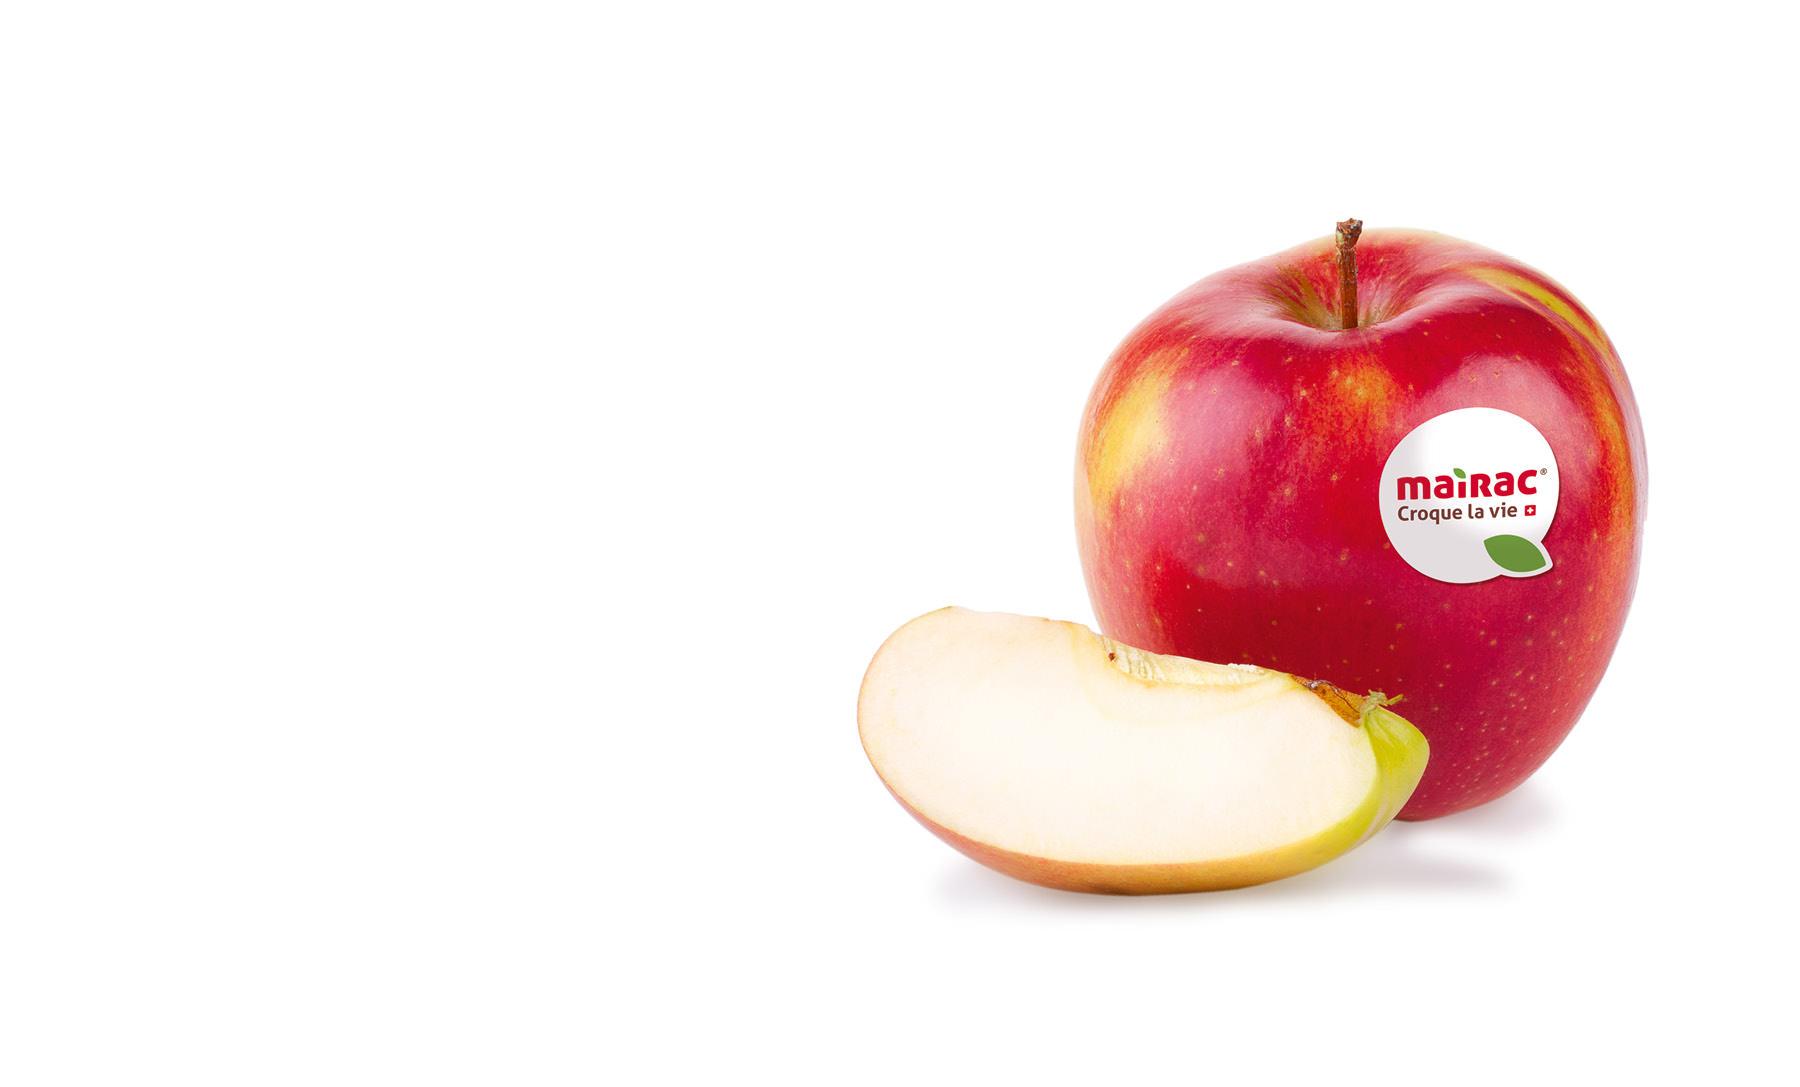 Mairac Croque la vie logo pomme